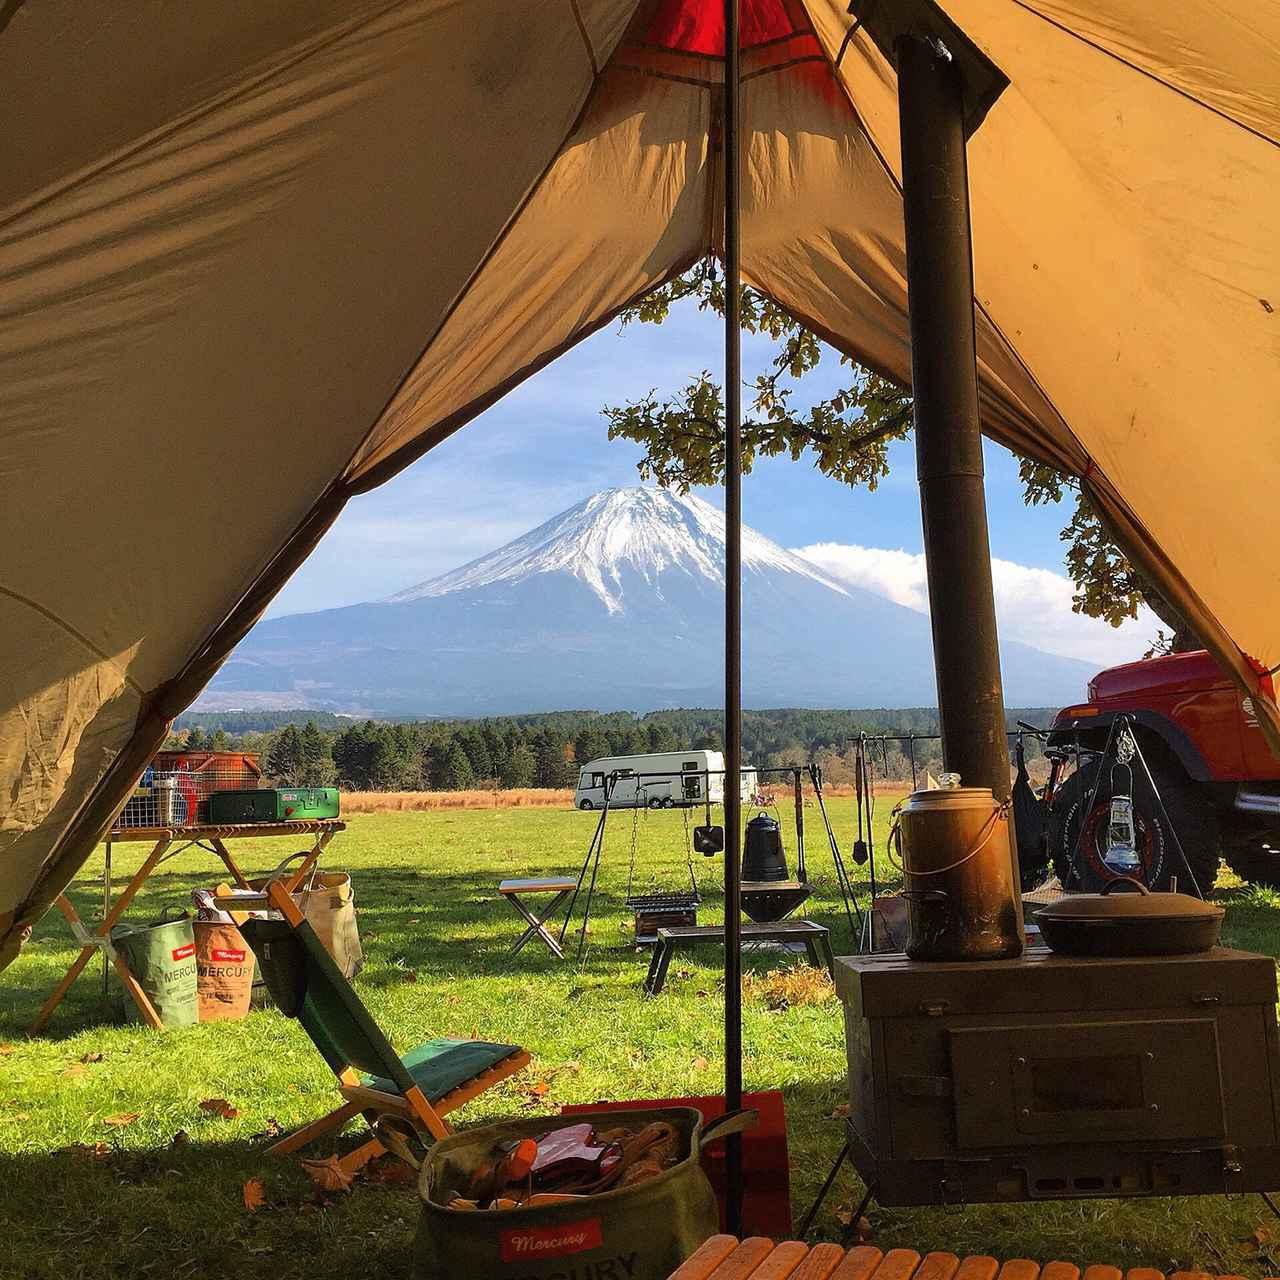 画像: ファミリーキャンプ用のテントを選ぶポイント:使用人数&設営のしやすさをチェック